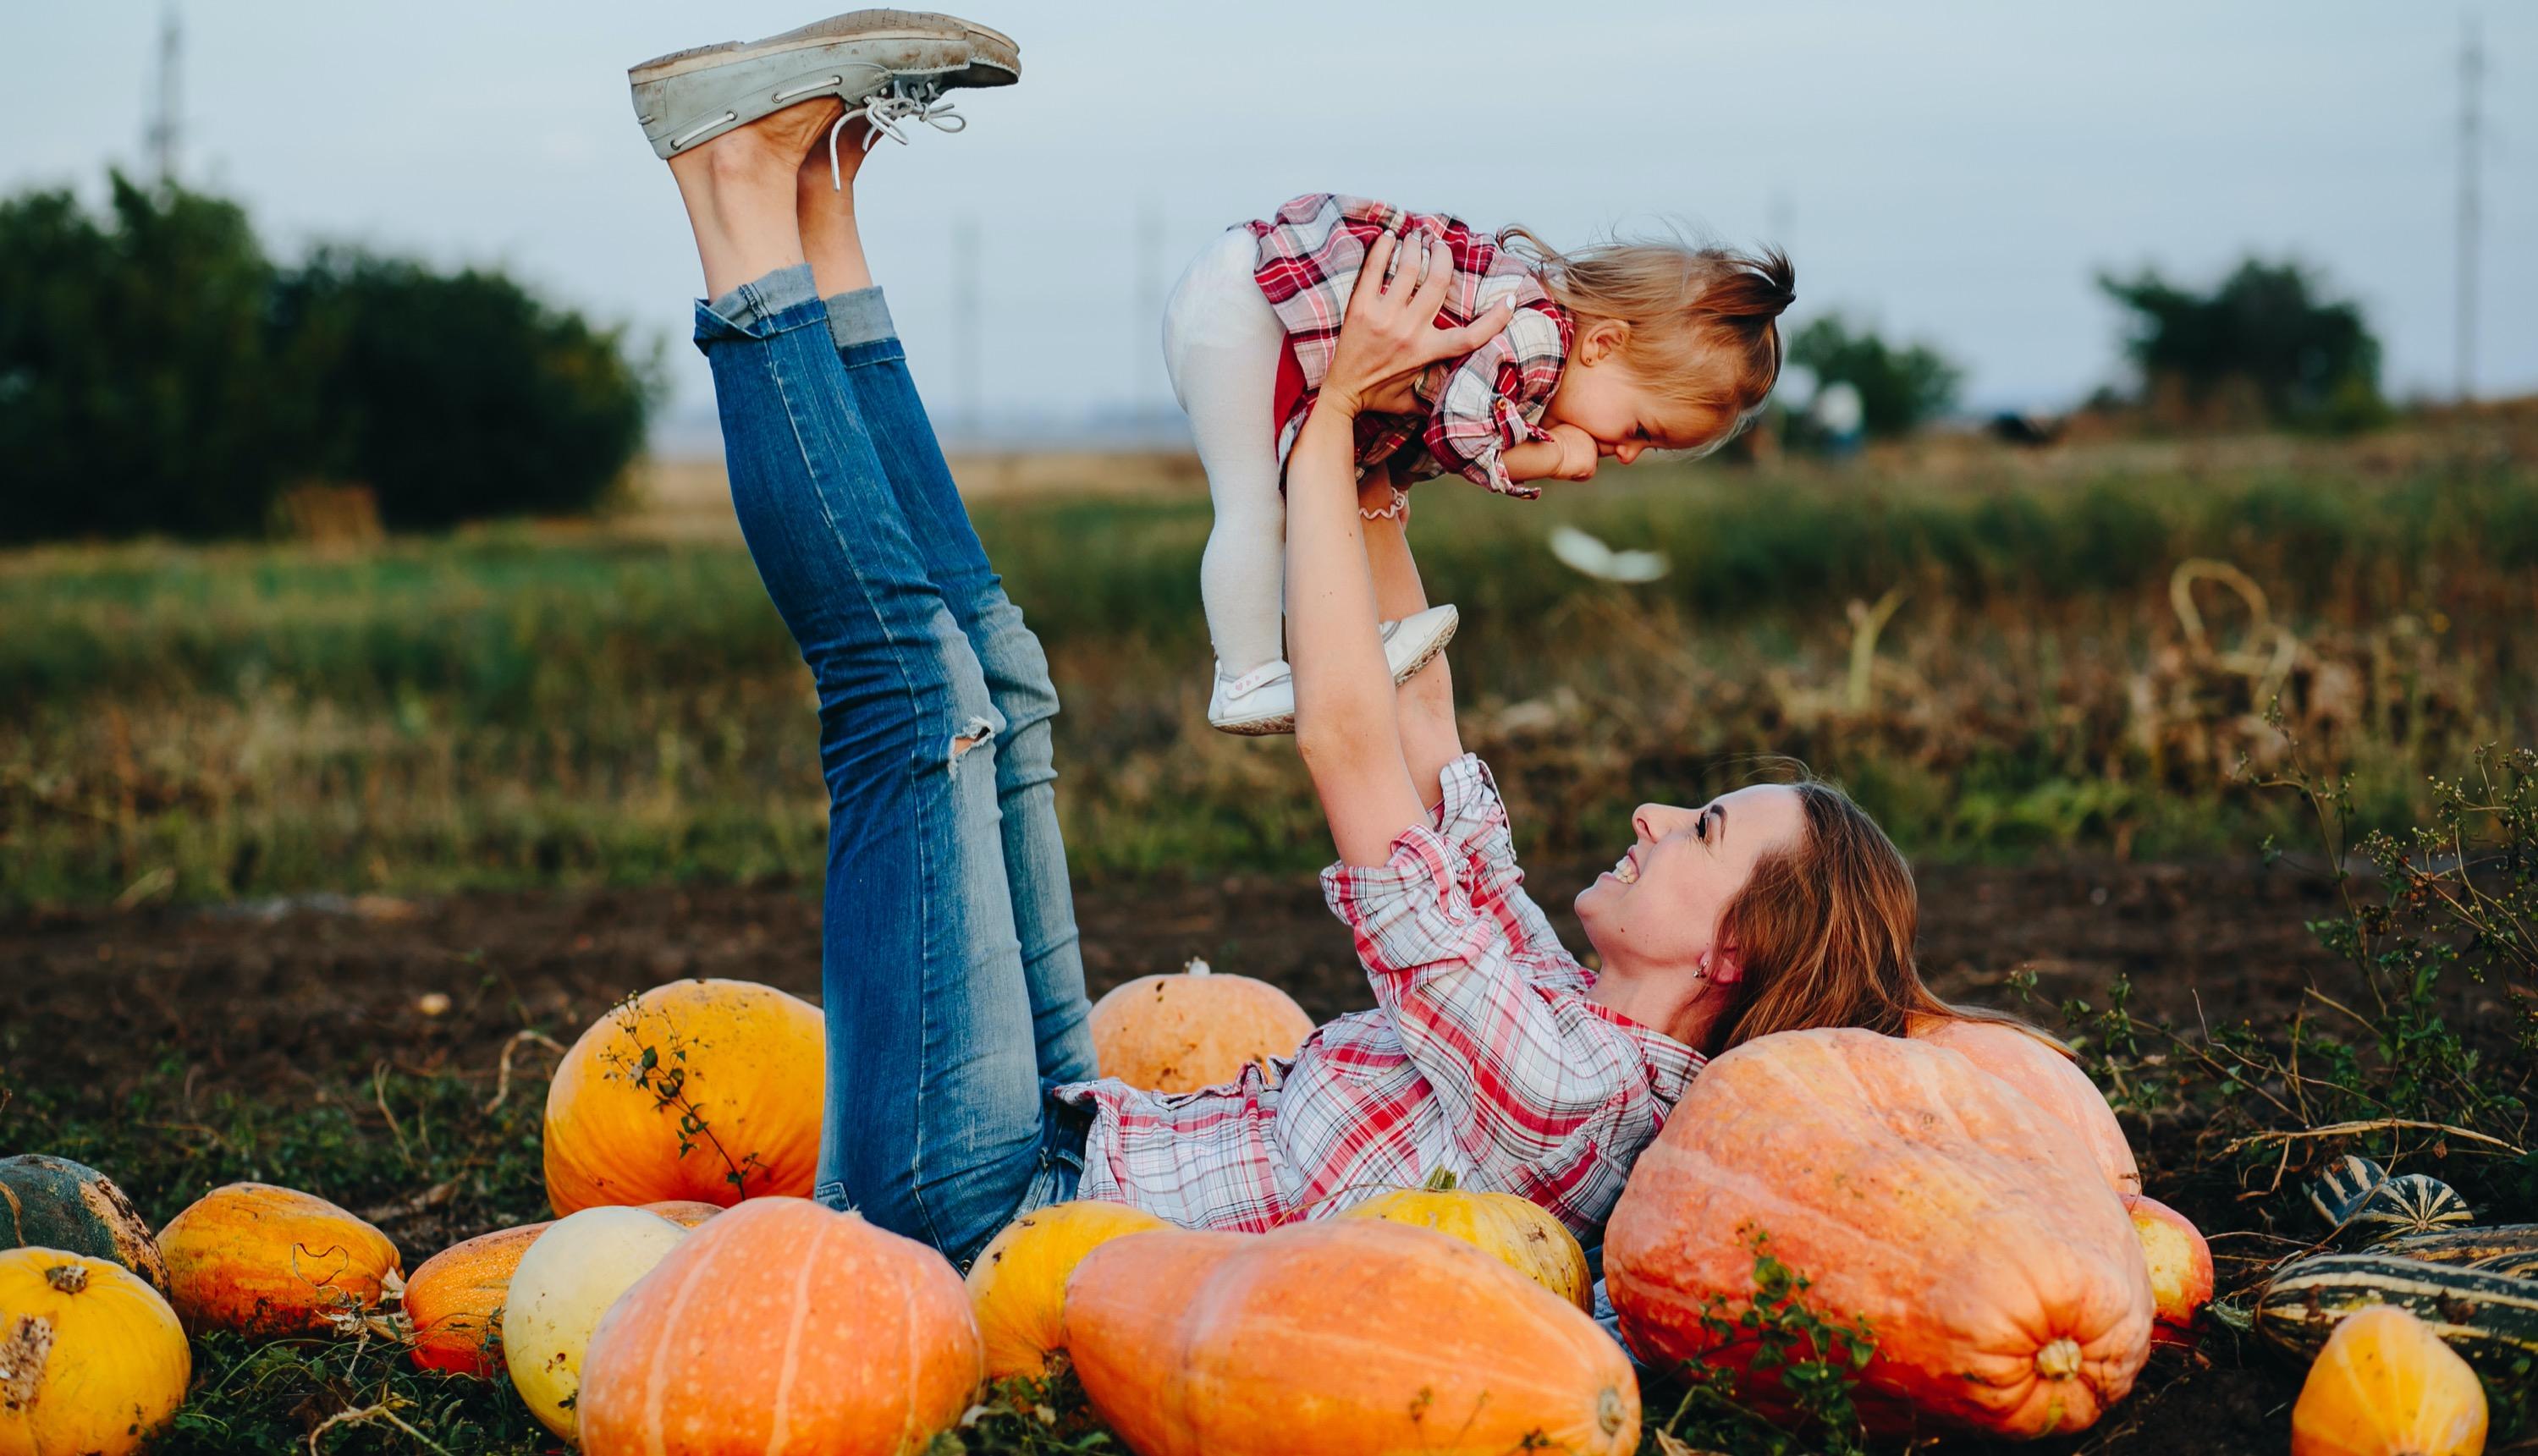 mother-and-daughter-lie-between-pumpkins